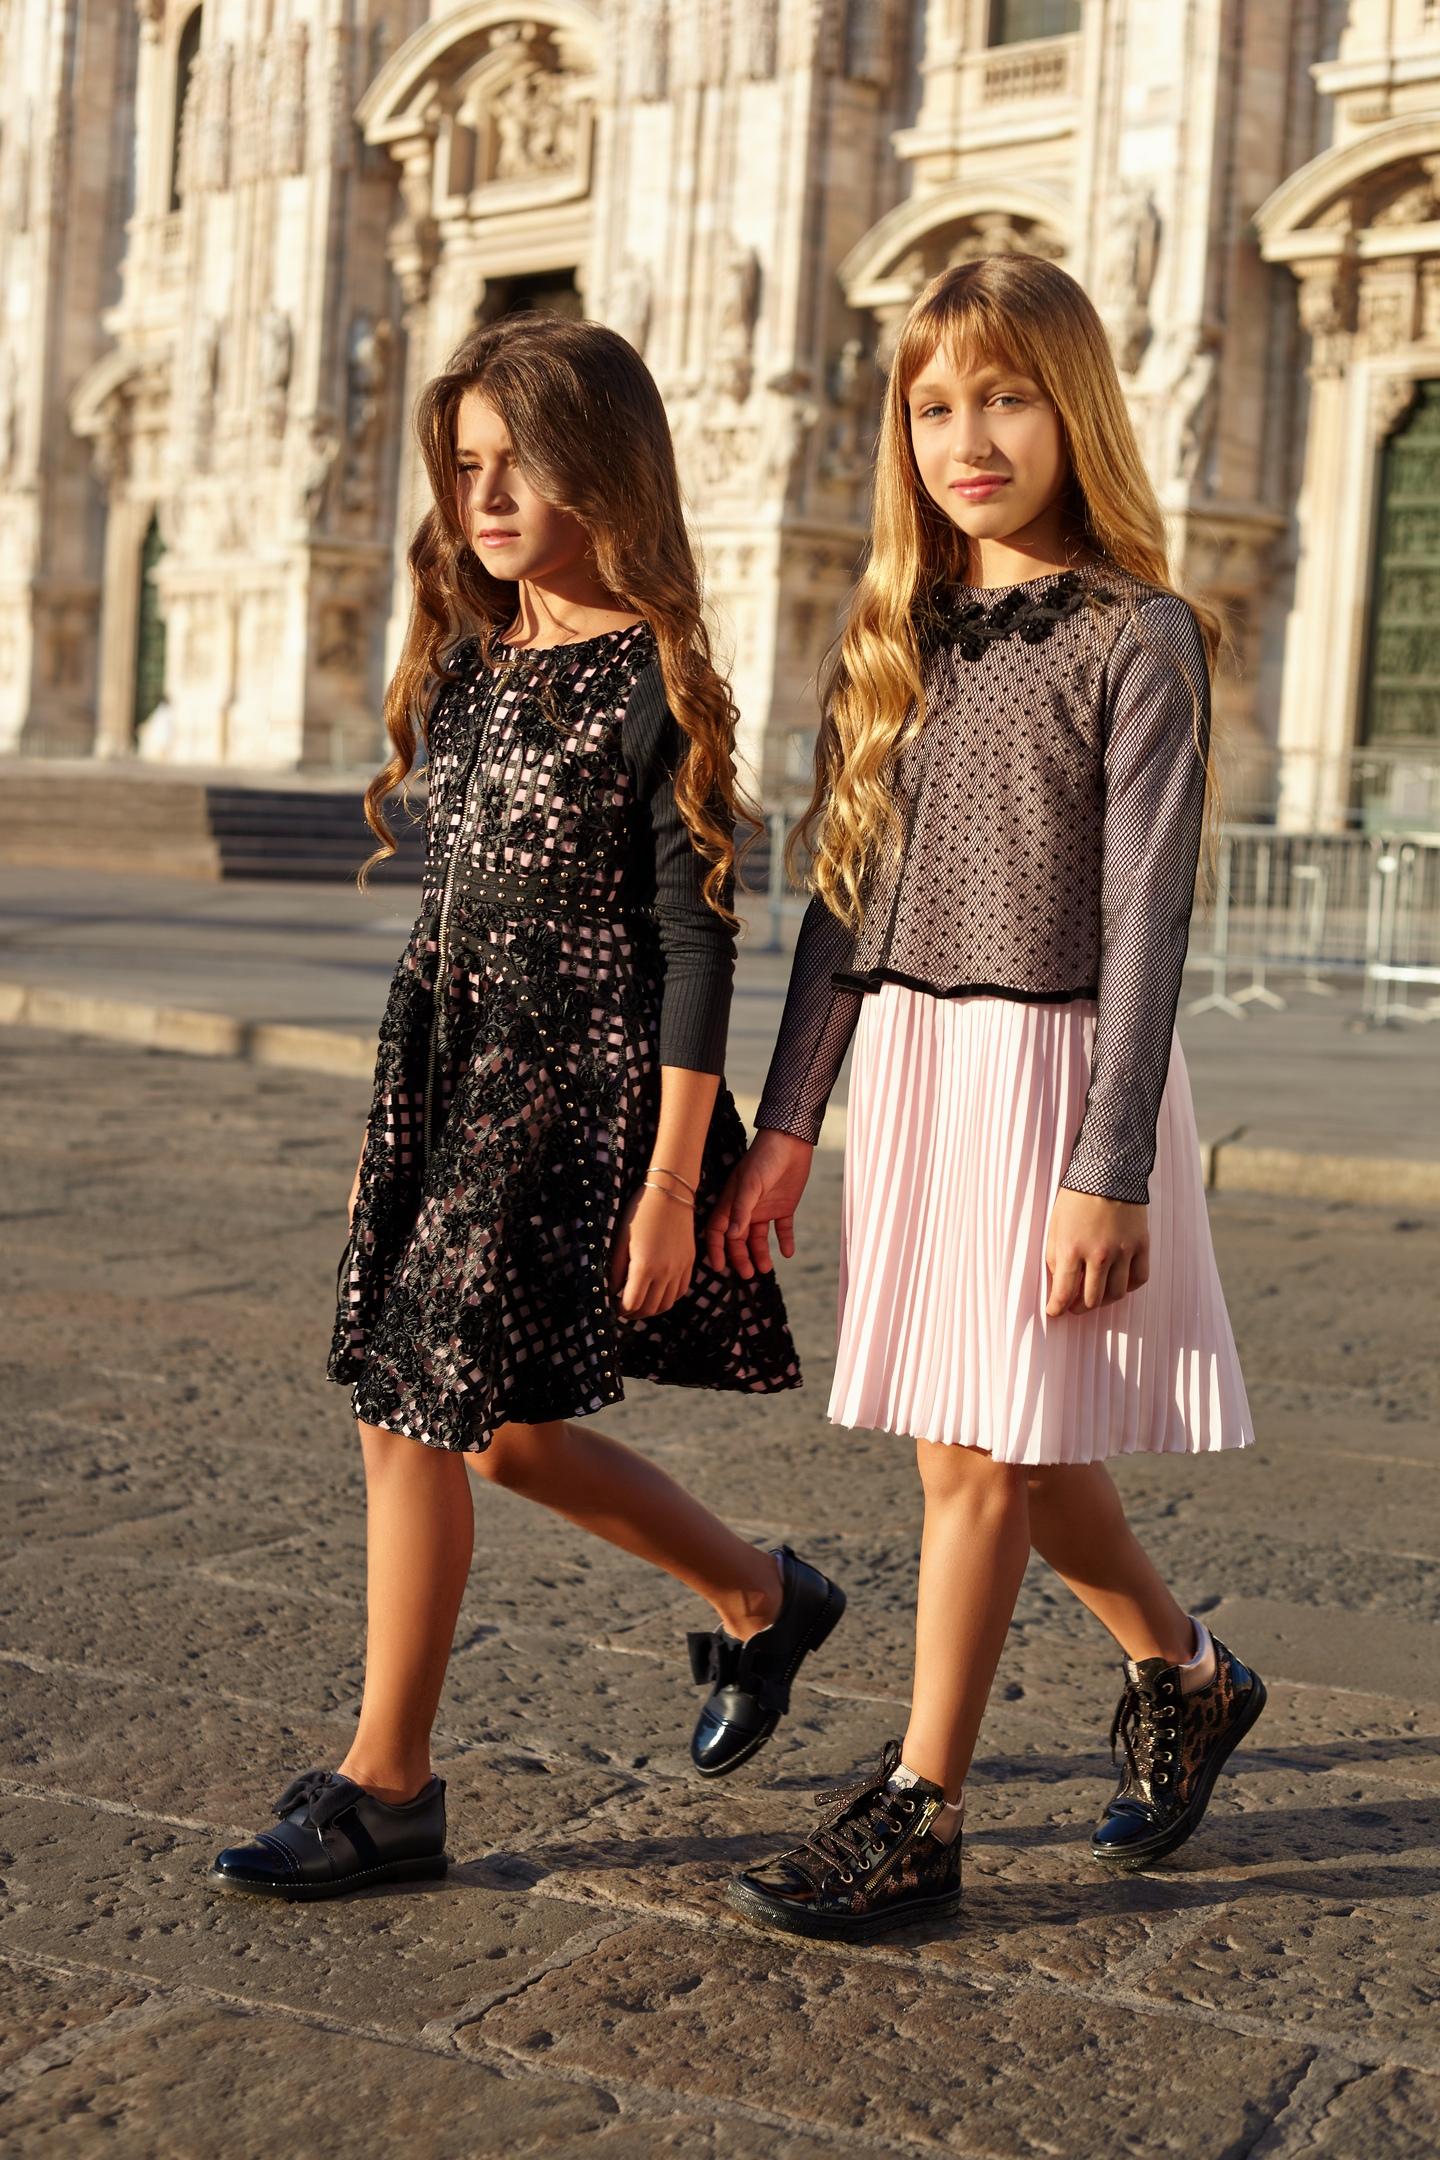 604191d2259c Шикарные платья, брючные костюмы, свитшоты с интересными дизайнерскими  решениями, асимметричные блузы, модные в этом сезоне брюки-клеш и  юбки-плиссе станут ...